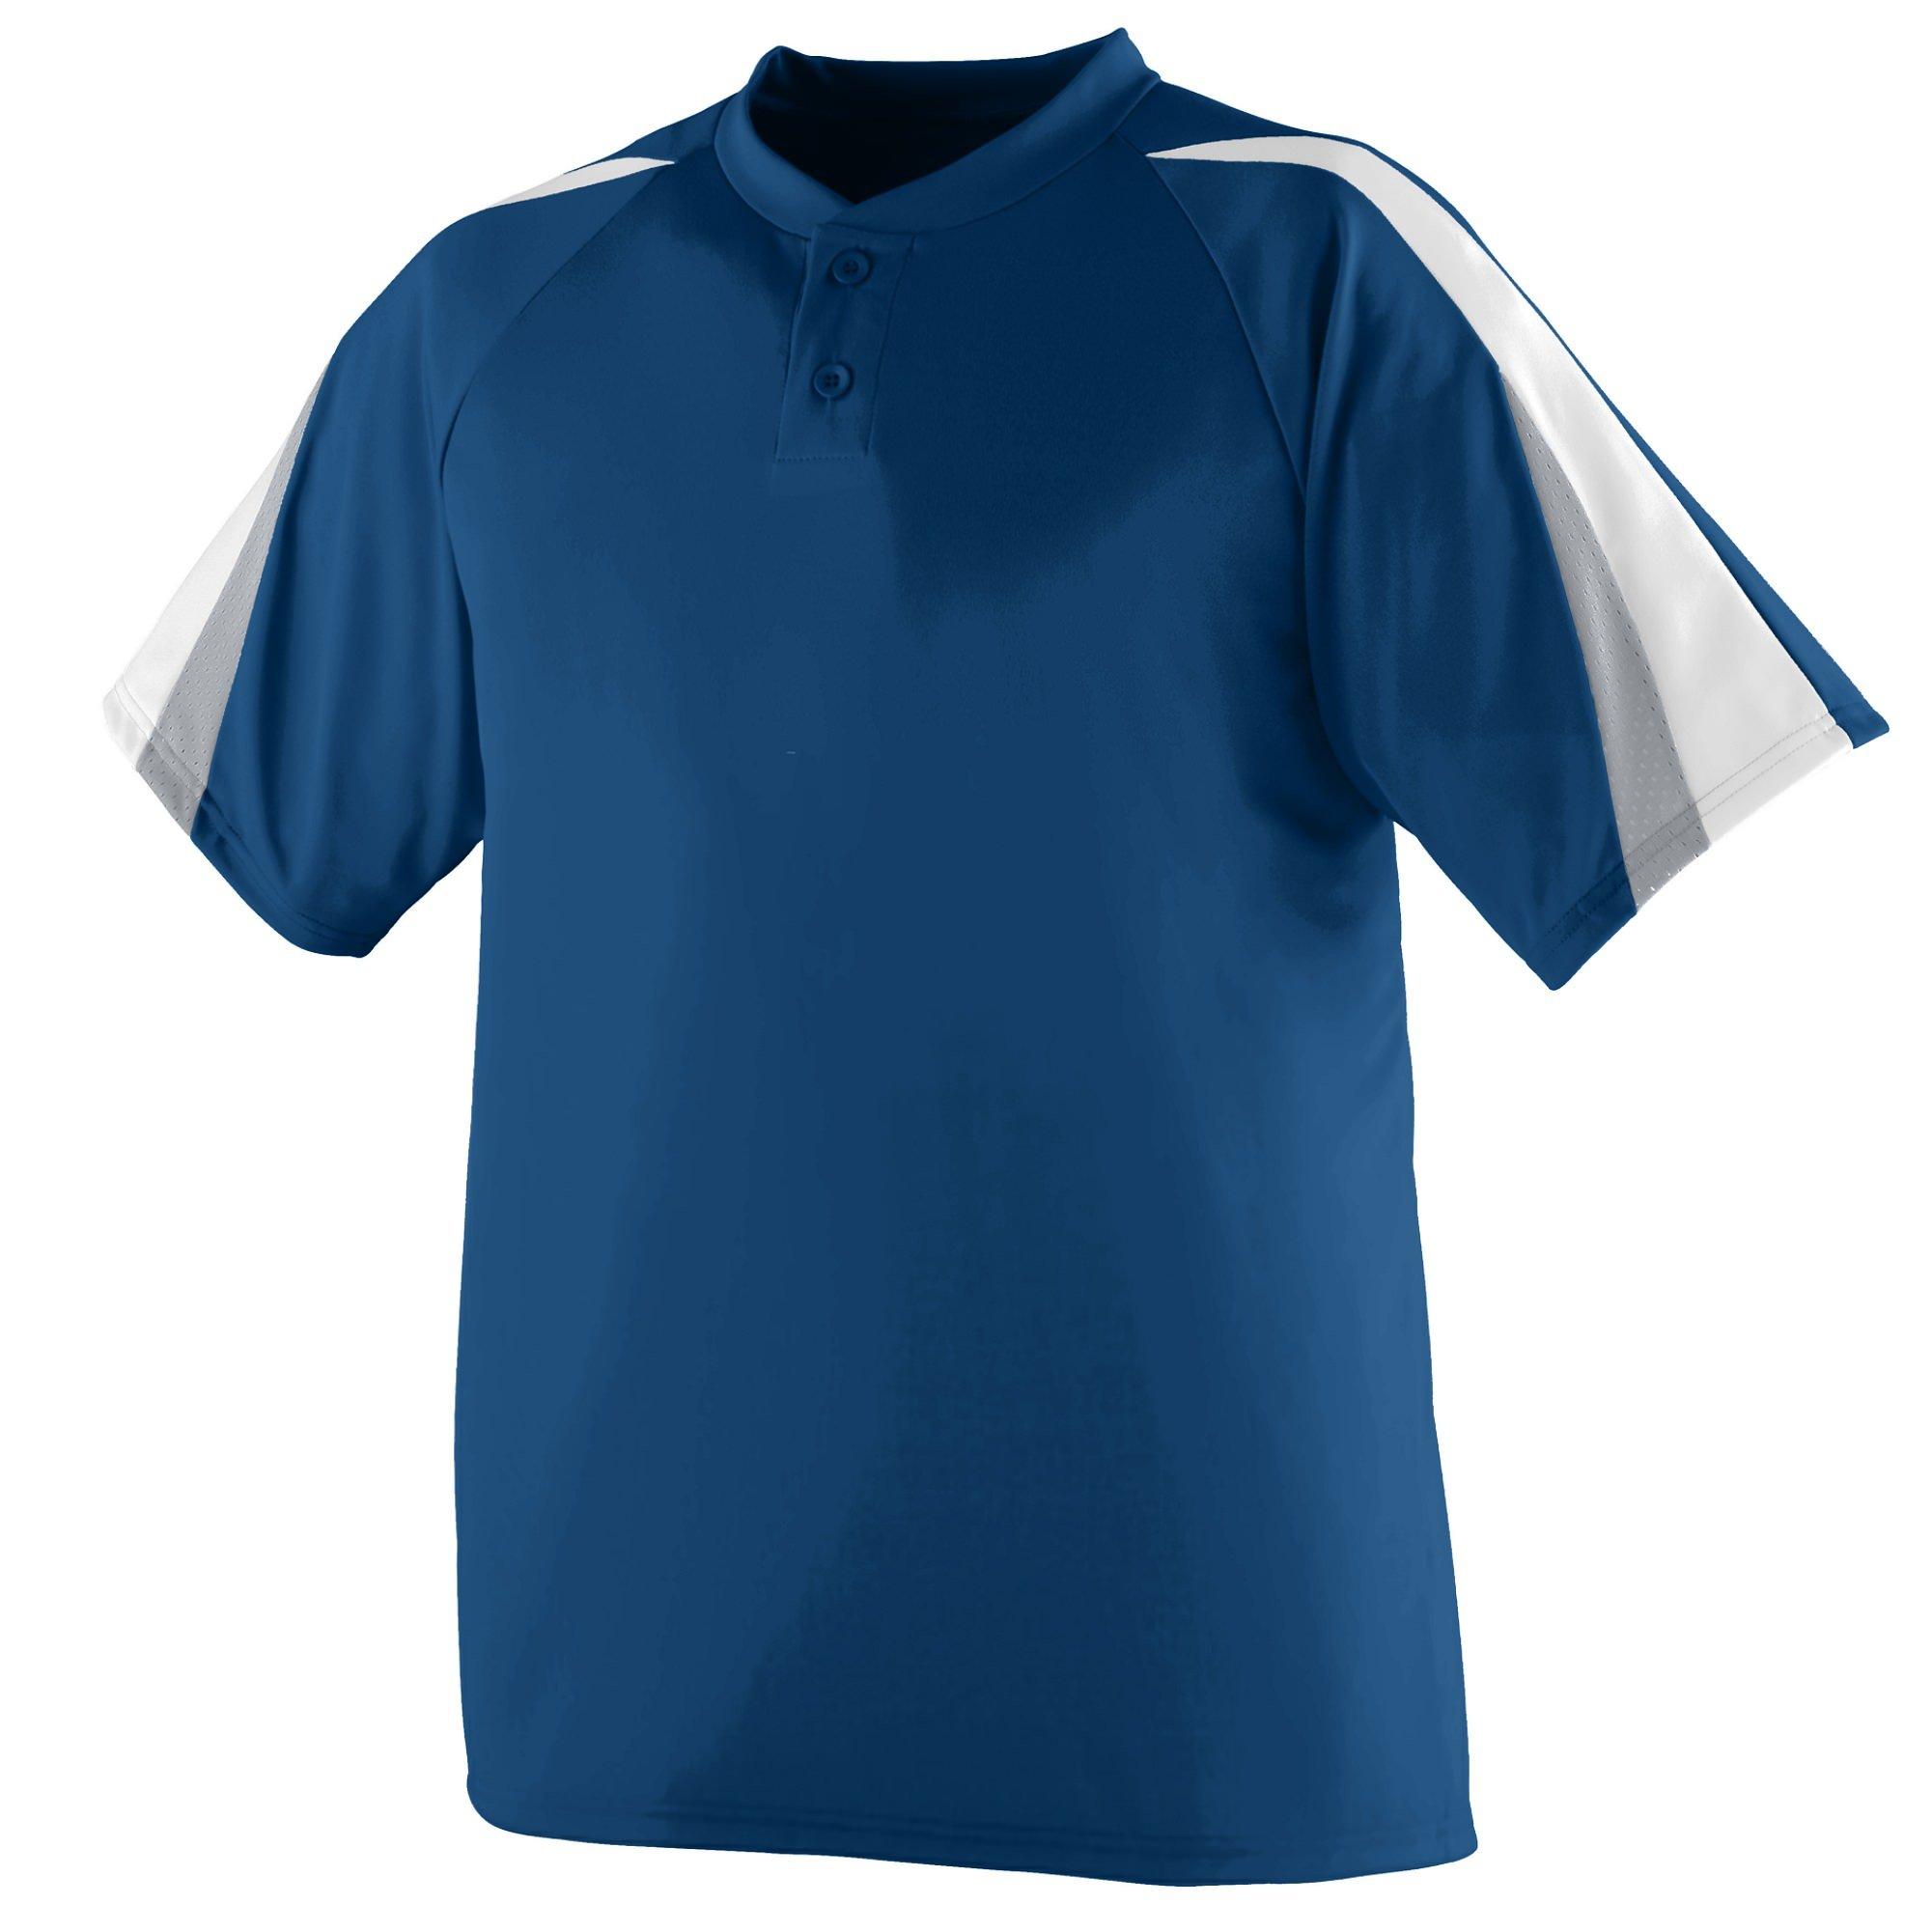 Augusta Sportswear Power Plus Jersey S Navy/White/Silver Grey by Augusta Sportswear